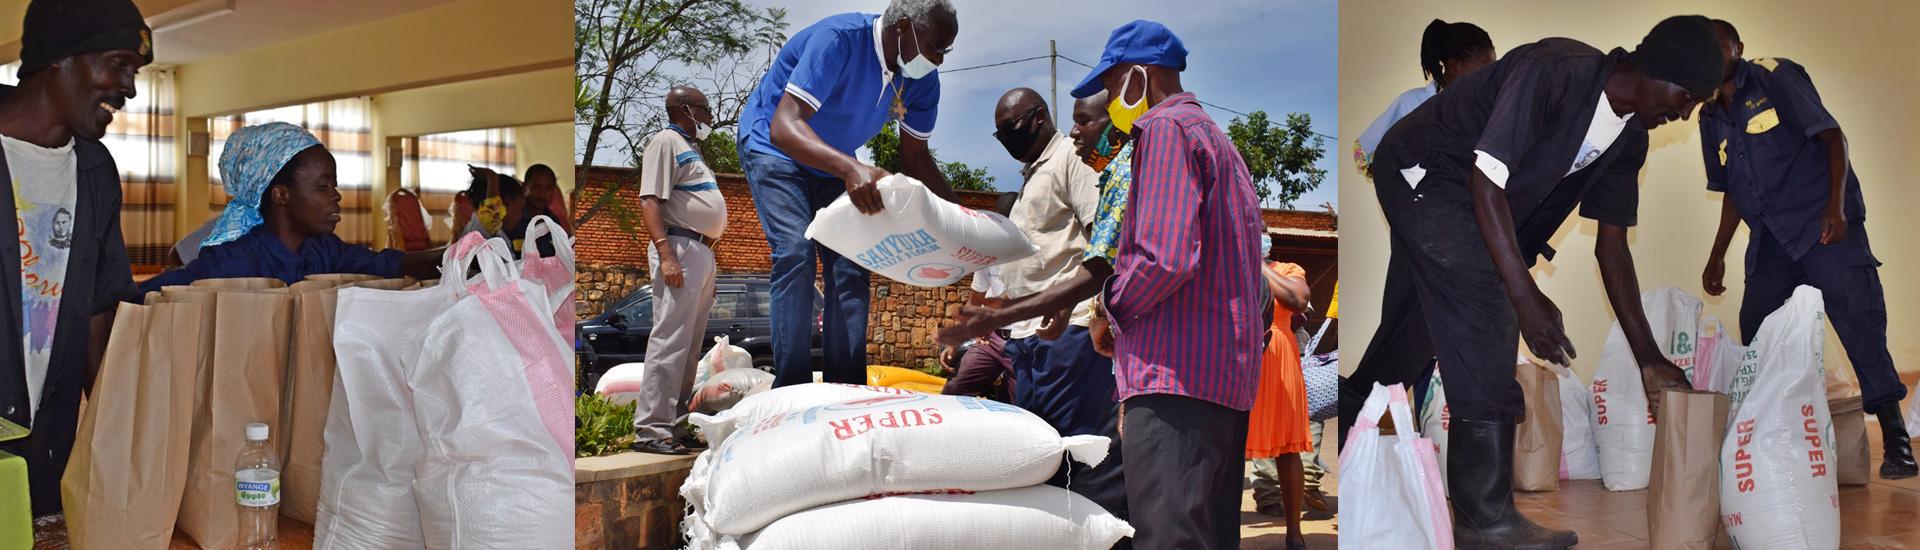 Reparto de comida en los centros juveniles salesianos de Ruanda para los más afectados por la pandemia